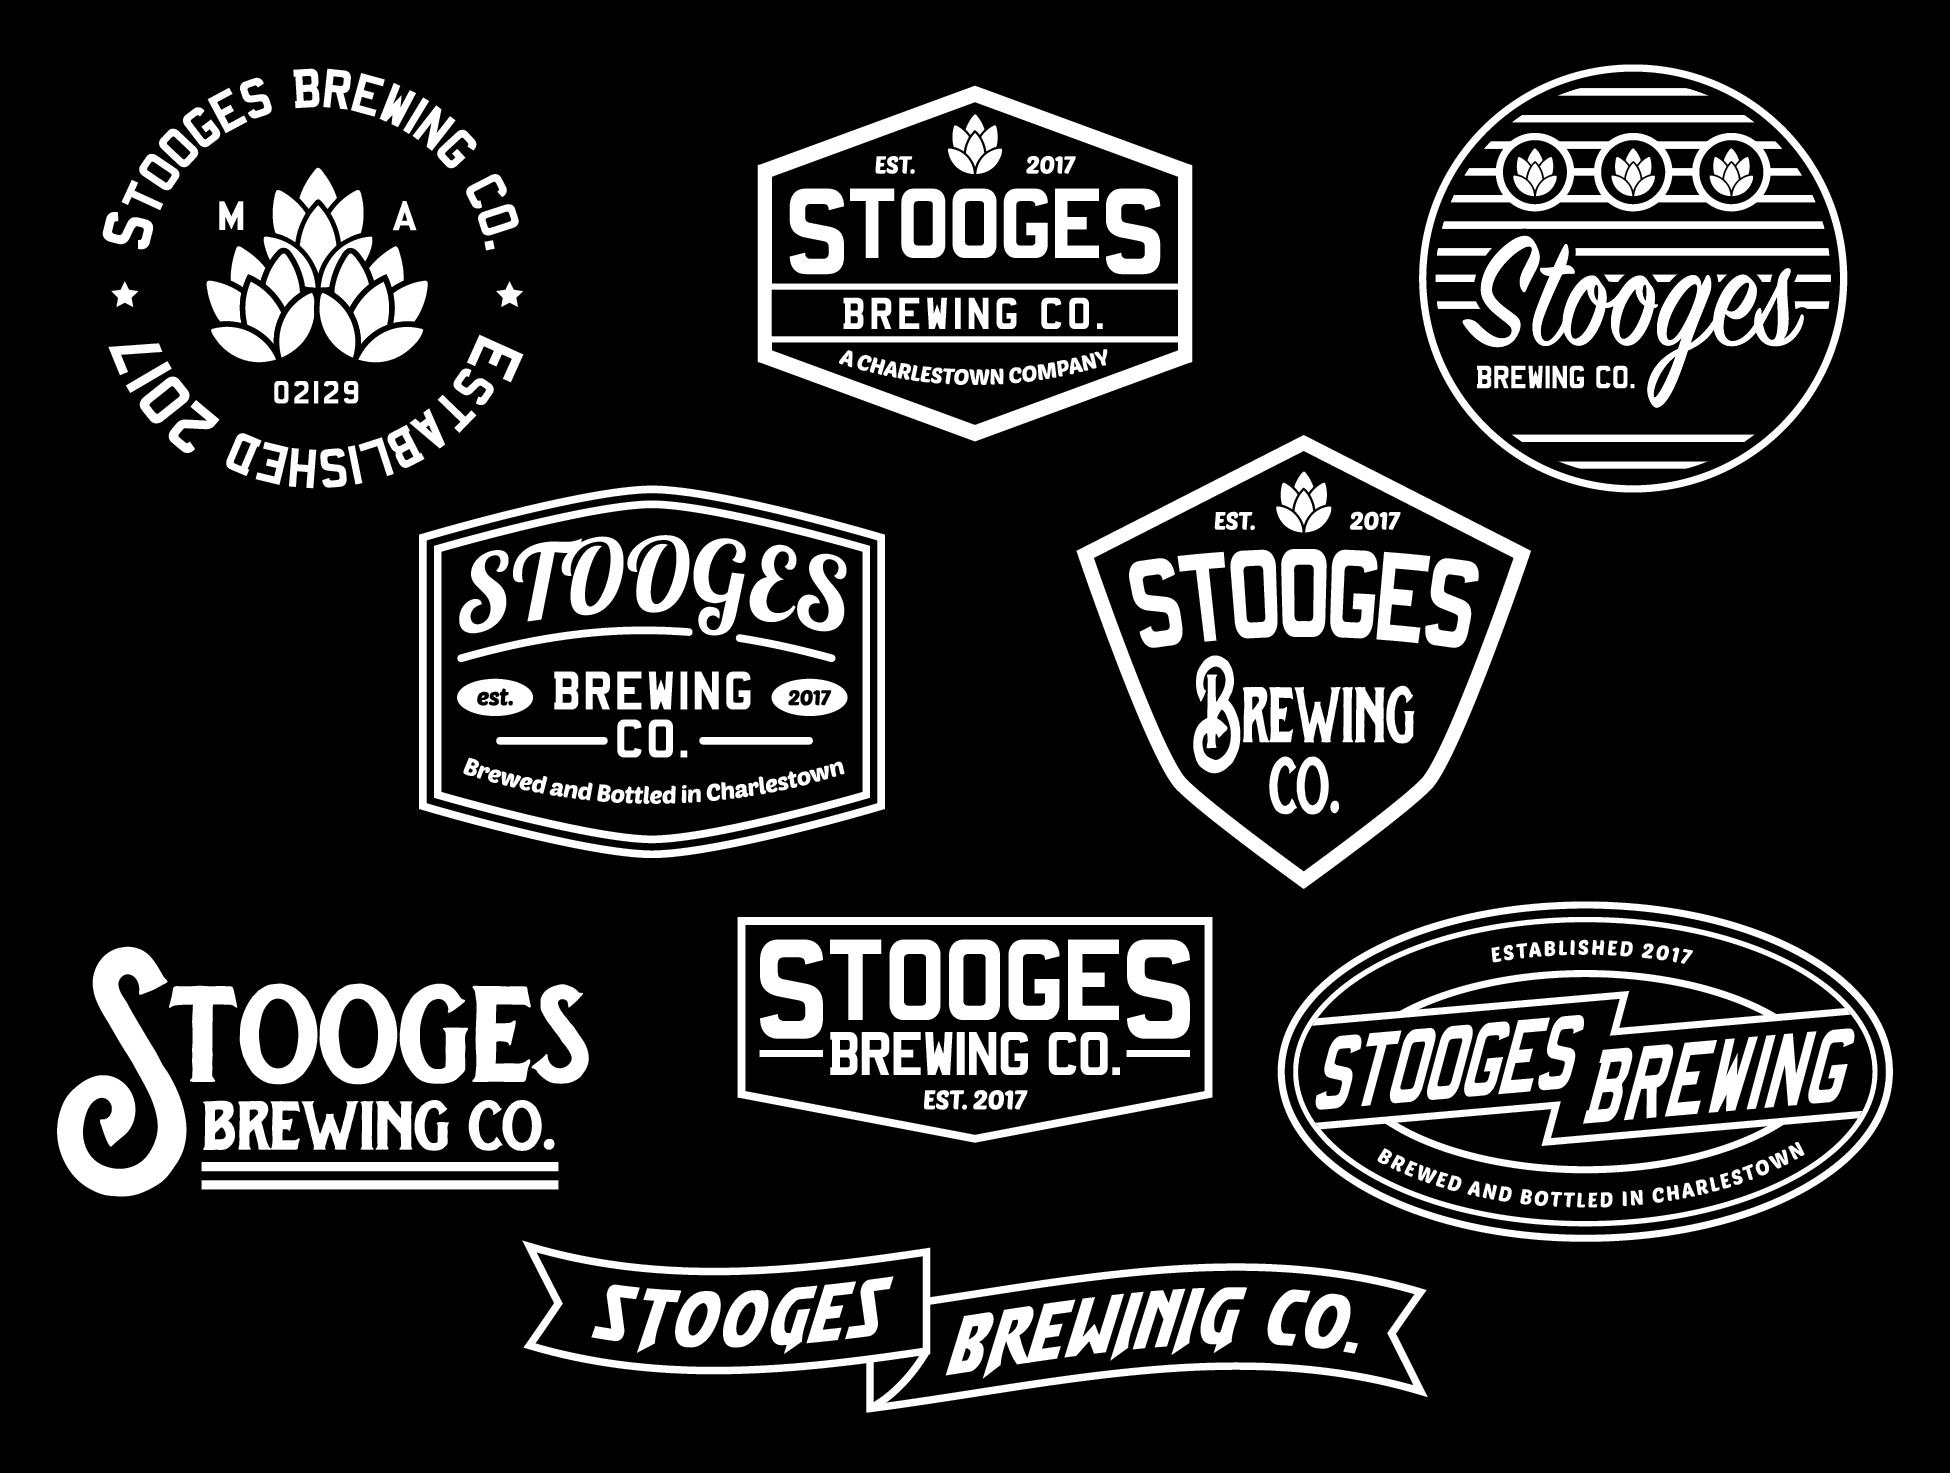 Stooges_poornitelyDOTcom_logos_White-01.png